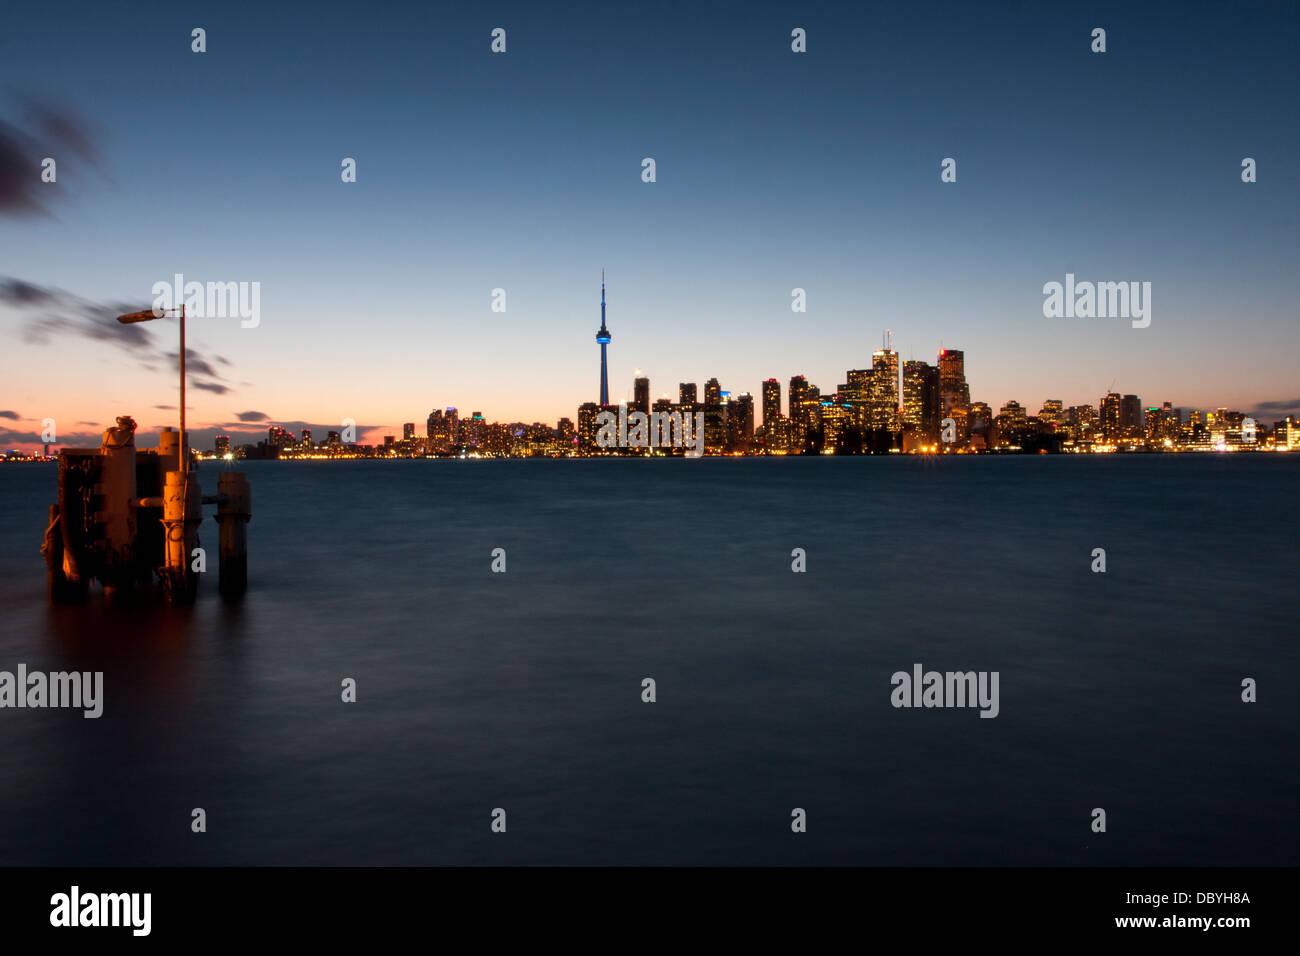 Horizonte de Toronto por la noche visto desde Ward Island Ferry Dock. Imagen De Stock